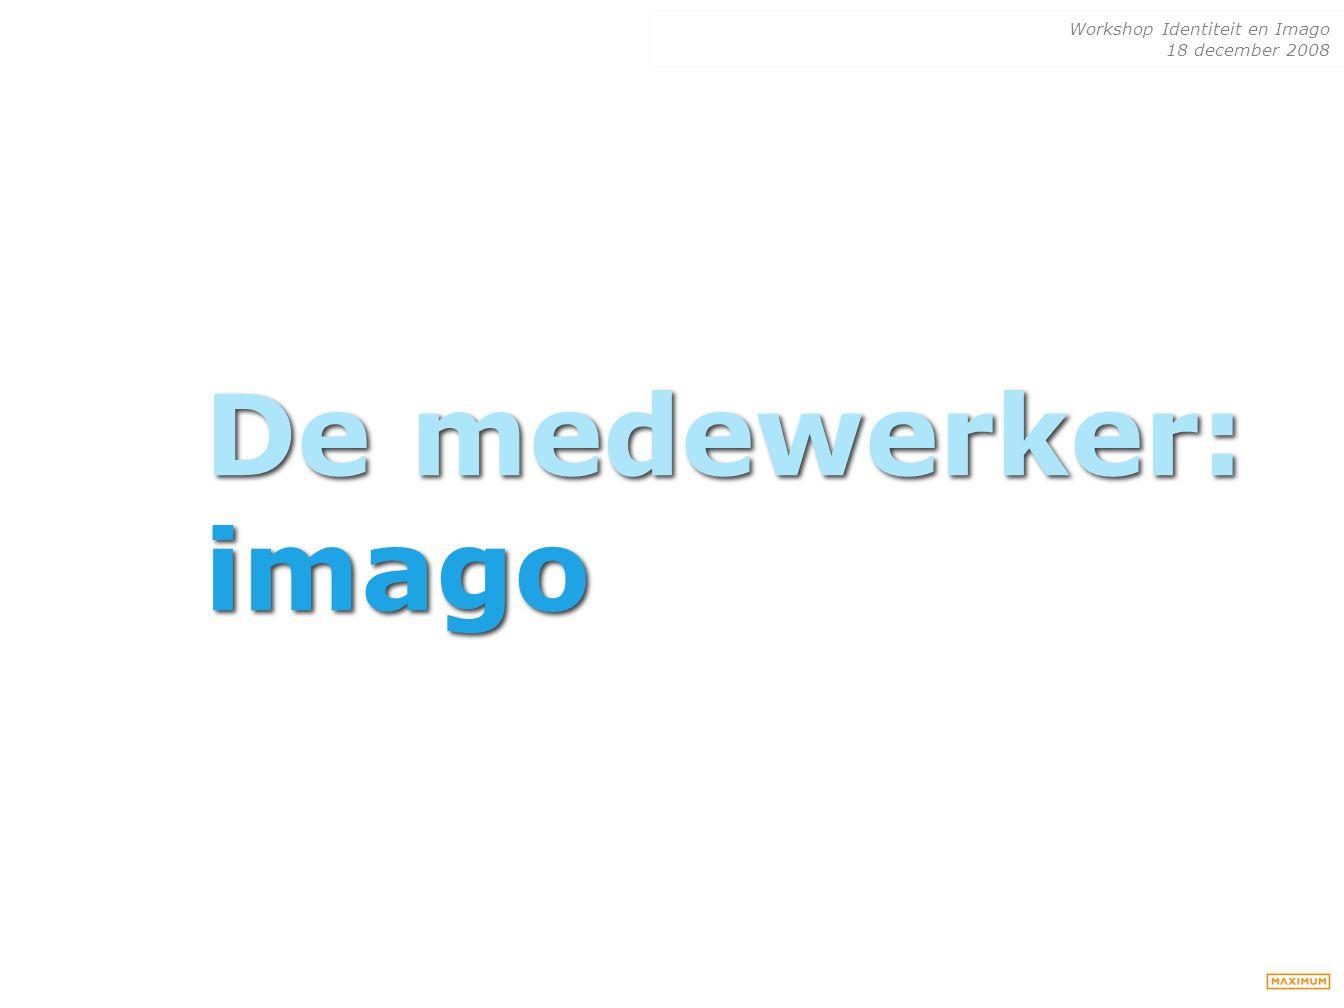 Workshop Identiteit en Imago 18 december 2008 De medewerker: imago